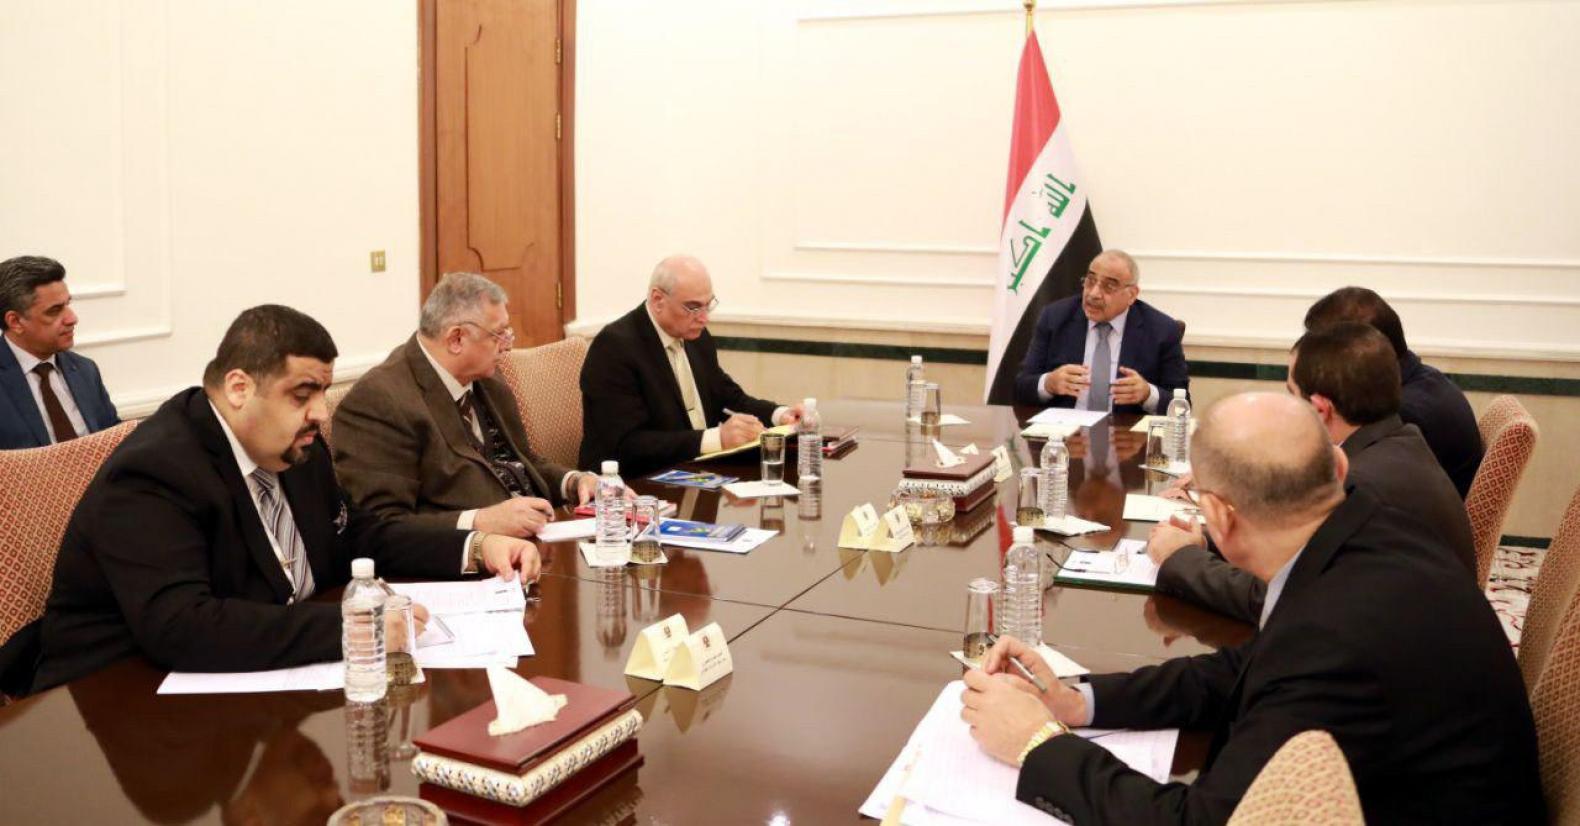 مشعان:مجلس عبد المهدي لمكافحة الفساد لنصرة حيتان الفساد